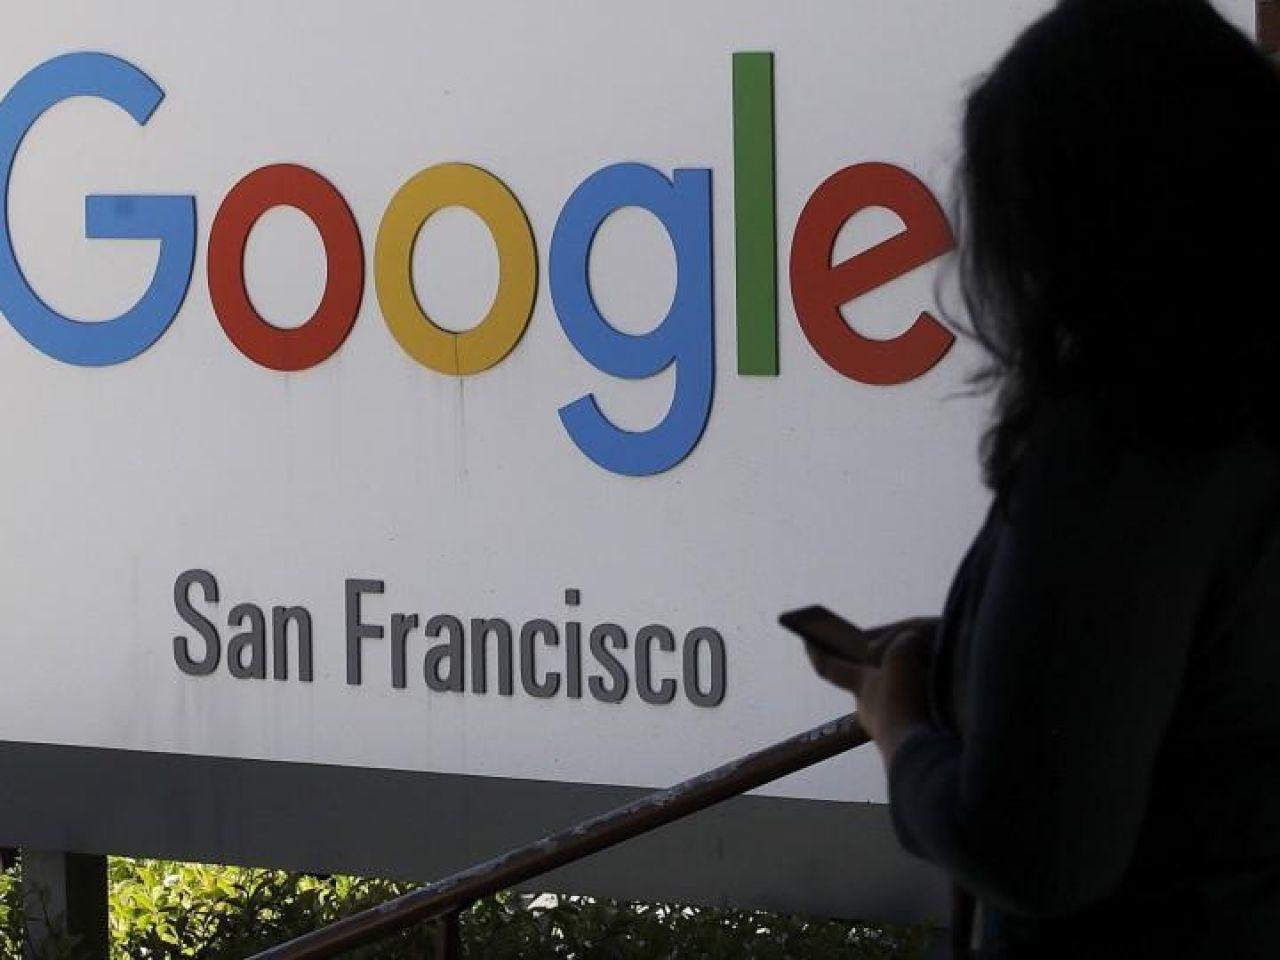 グーグル従業員ら、米国境警備局とのクラウド契約に反対